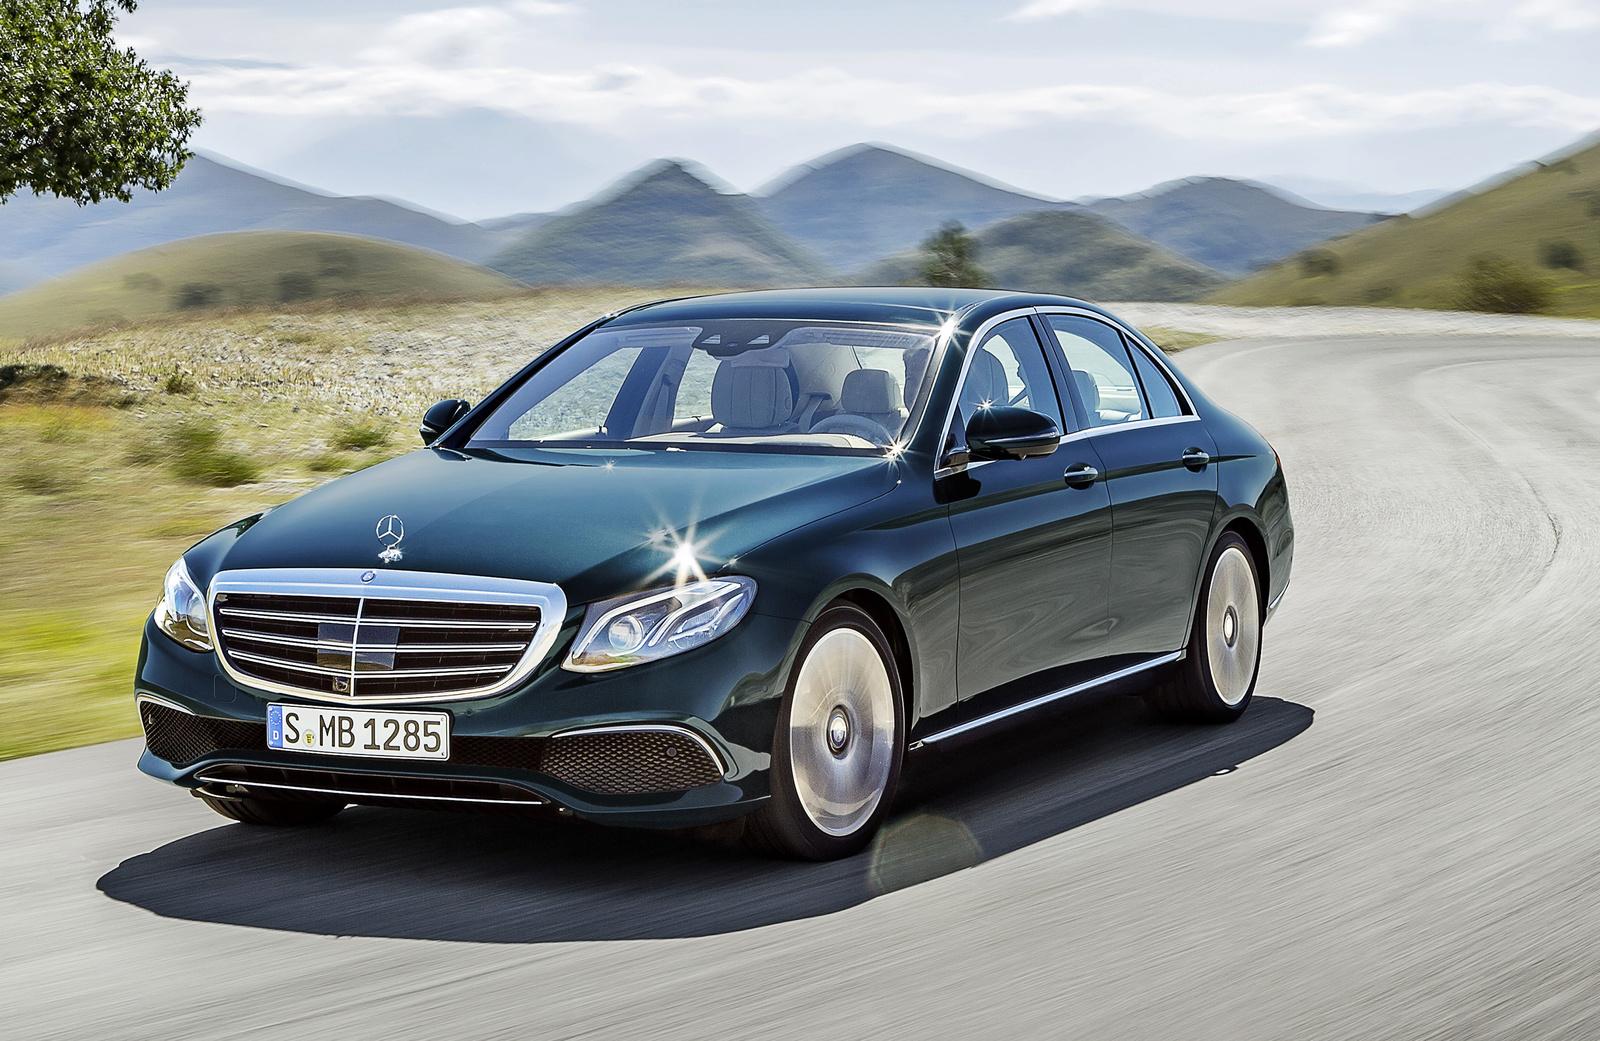 Воробьев рассчитывает навыпуск первого автомобиля Mercedes вПодмосковье в 2019г.